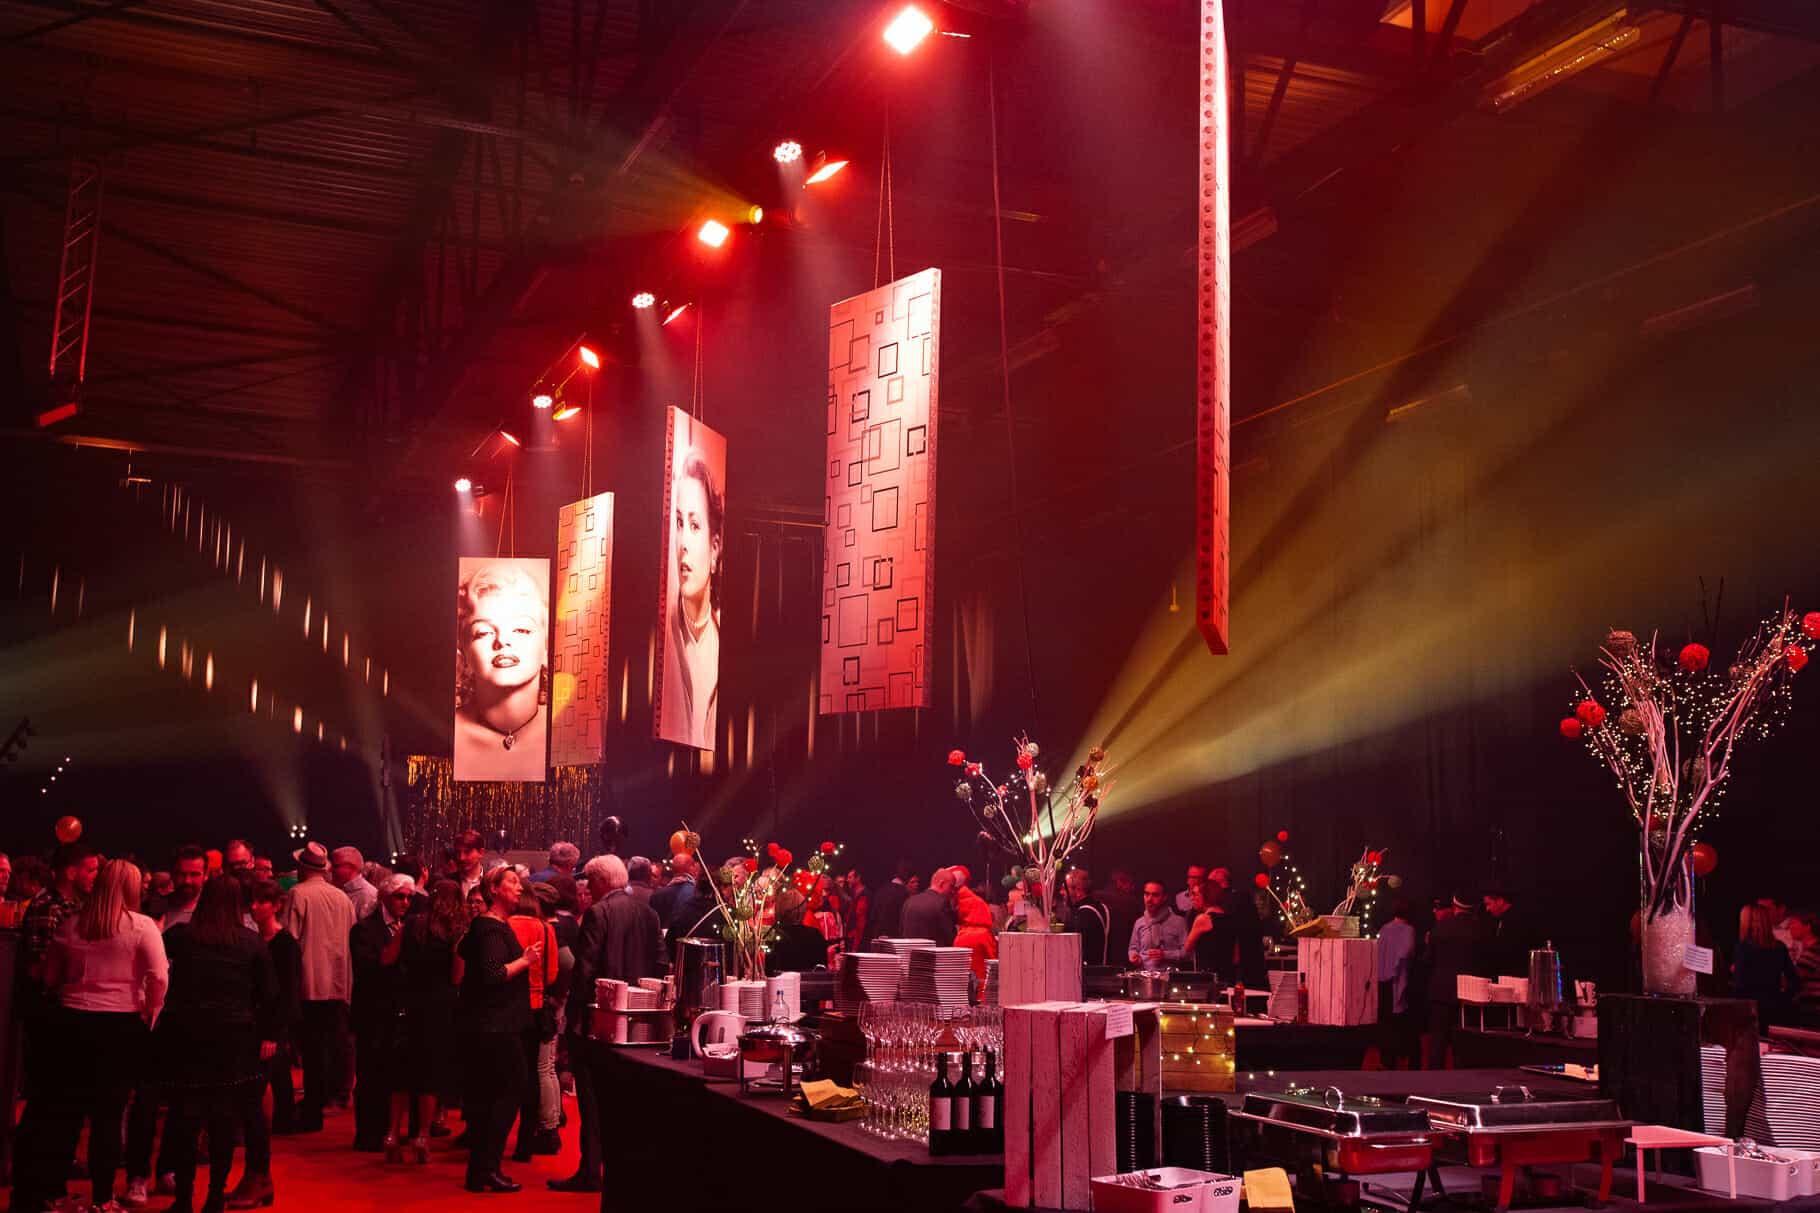 Organisation de la fête du personnel de BNP Paribas Fortis par So Event sous une thématique Hollywood Party